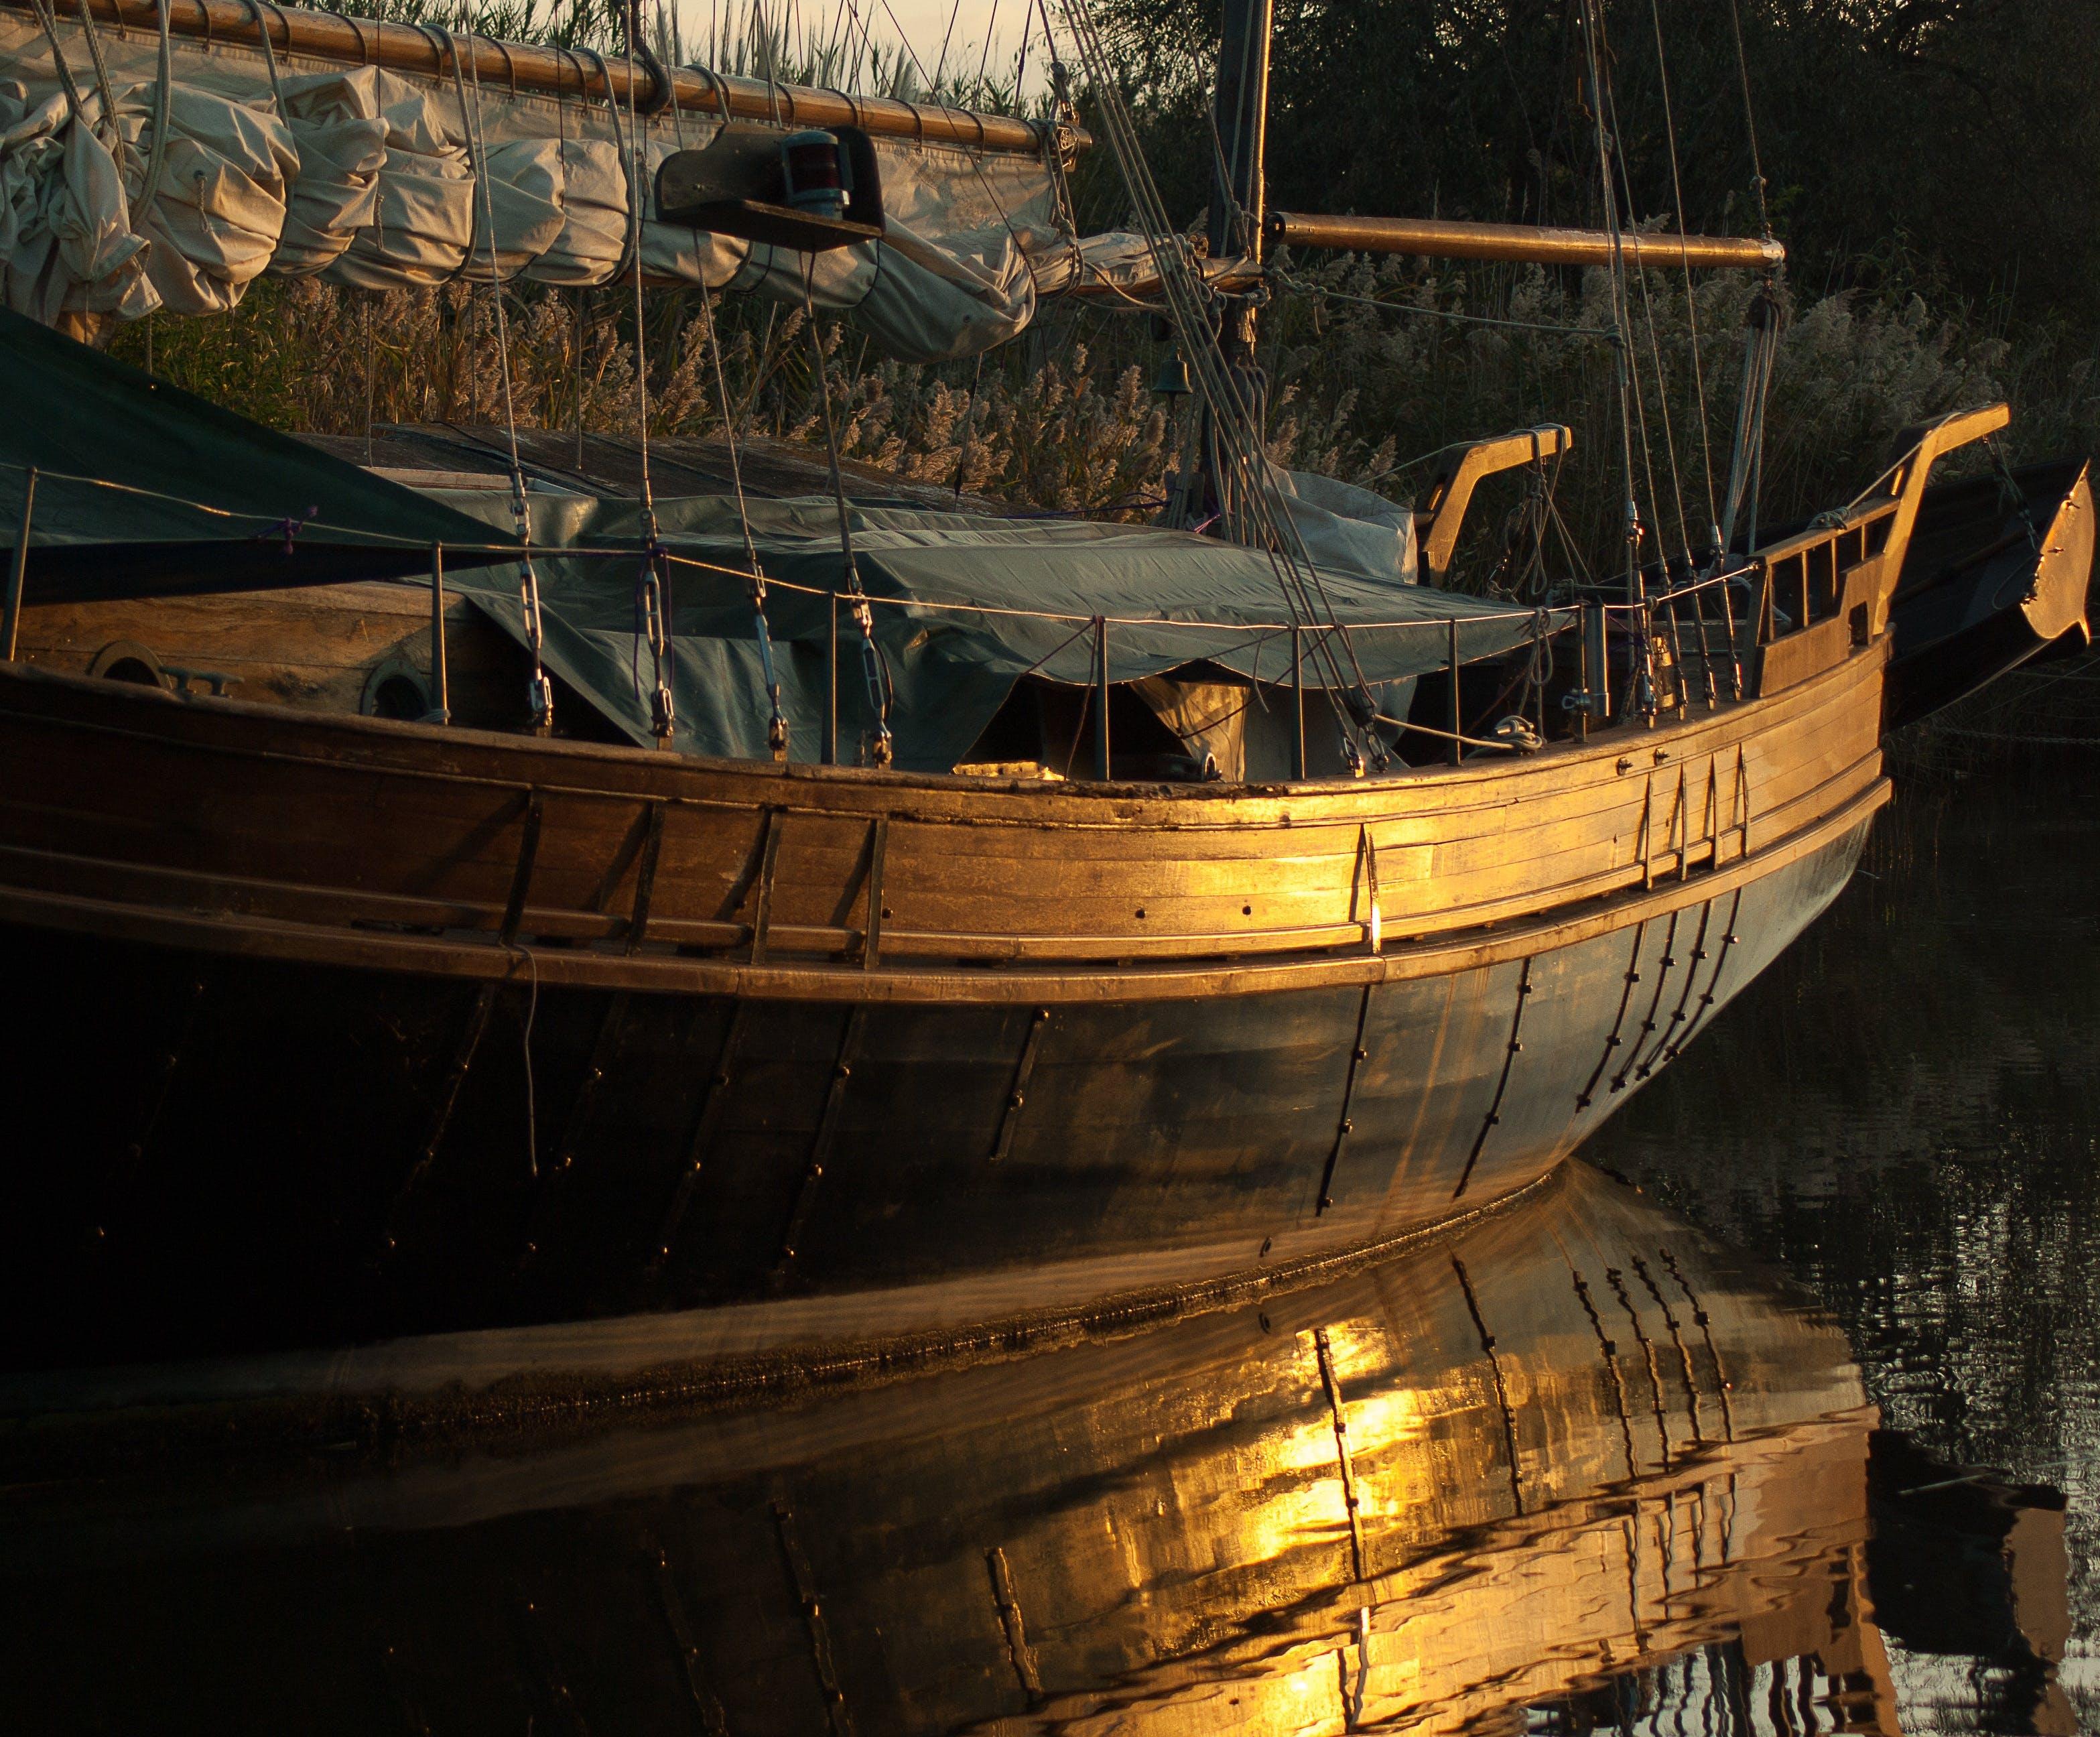 boat, reflection, sailboat